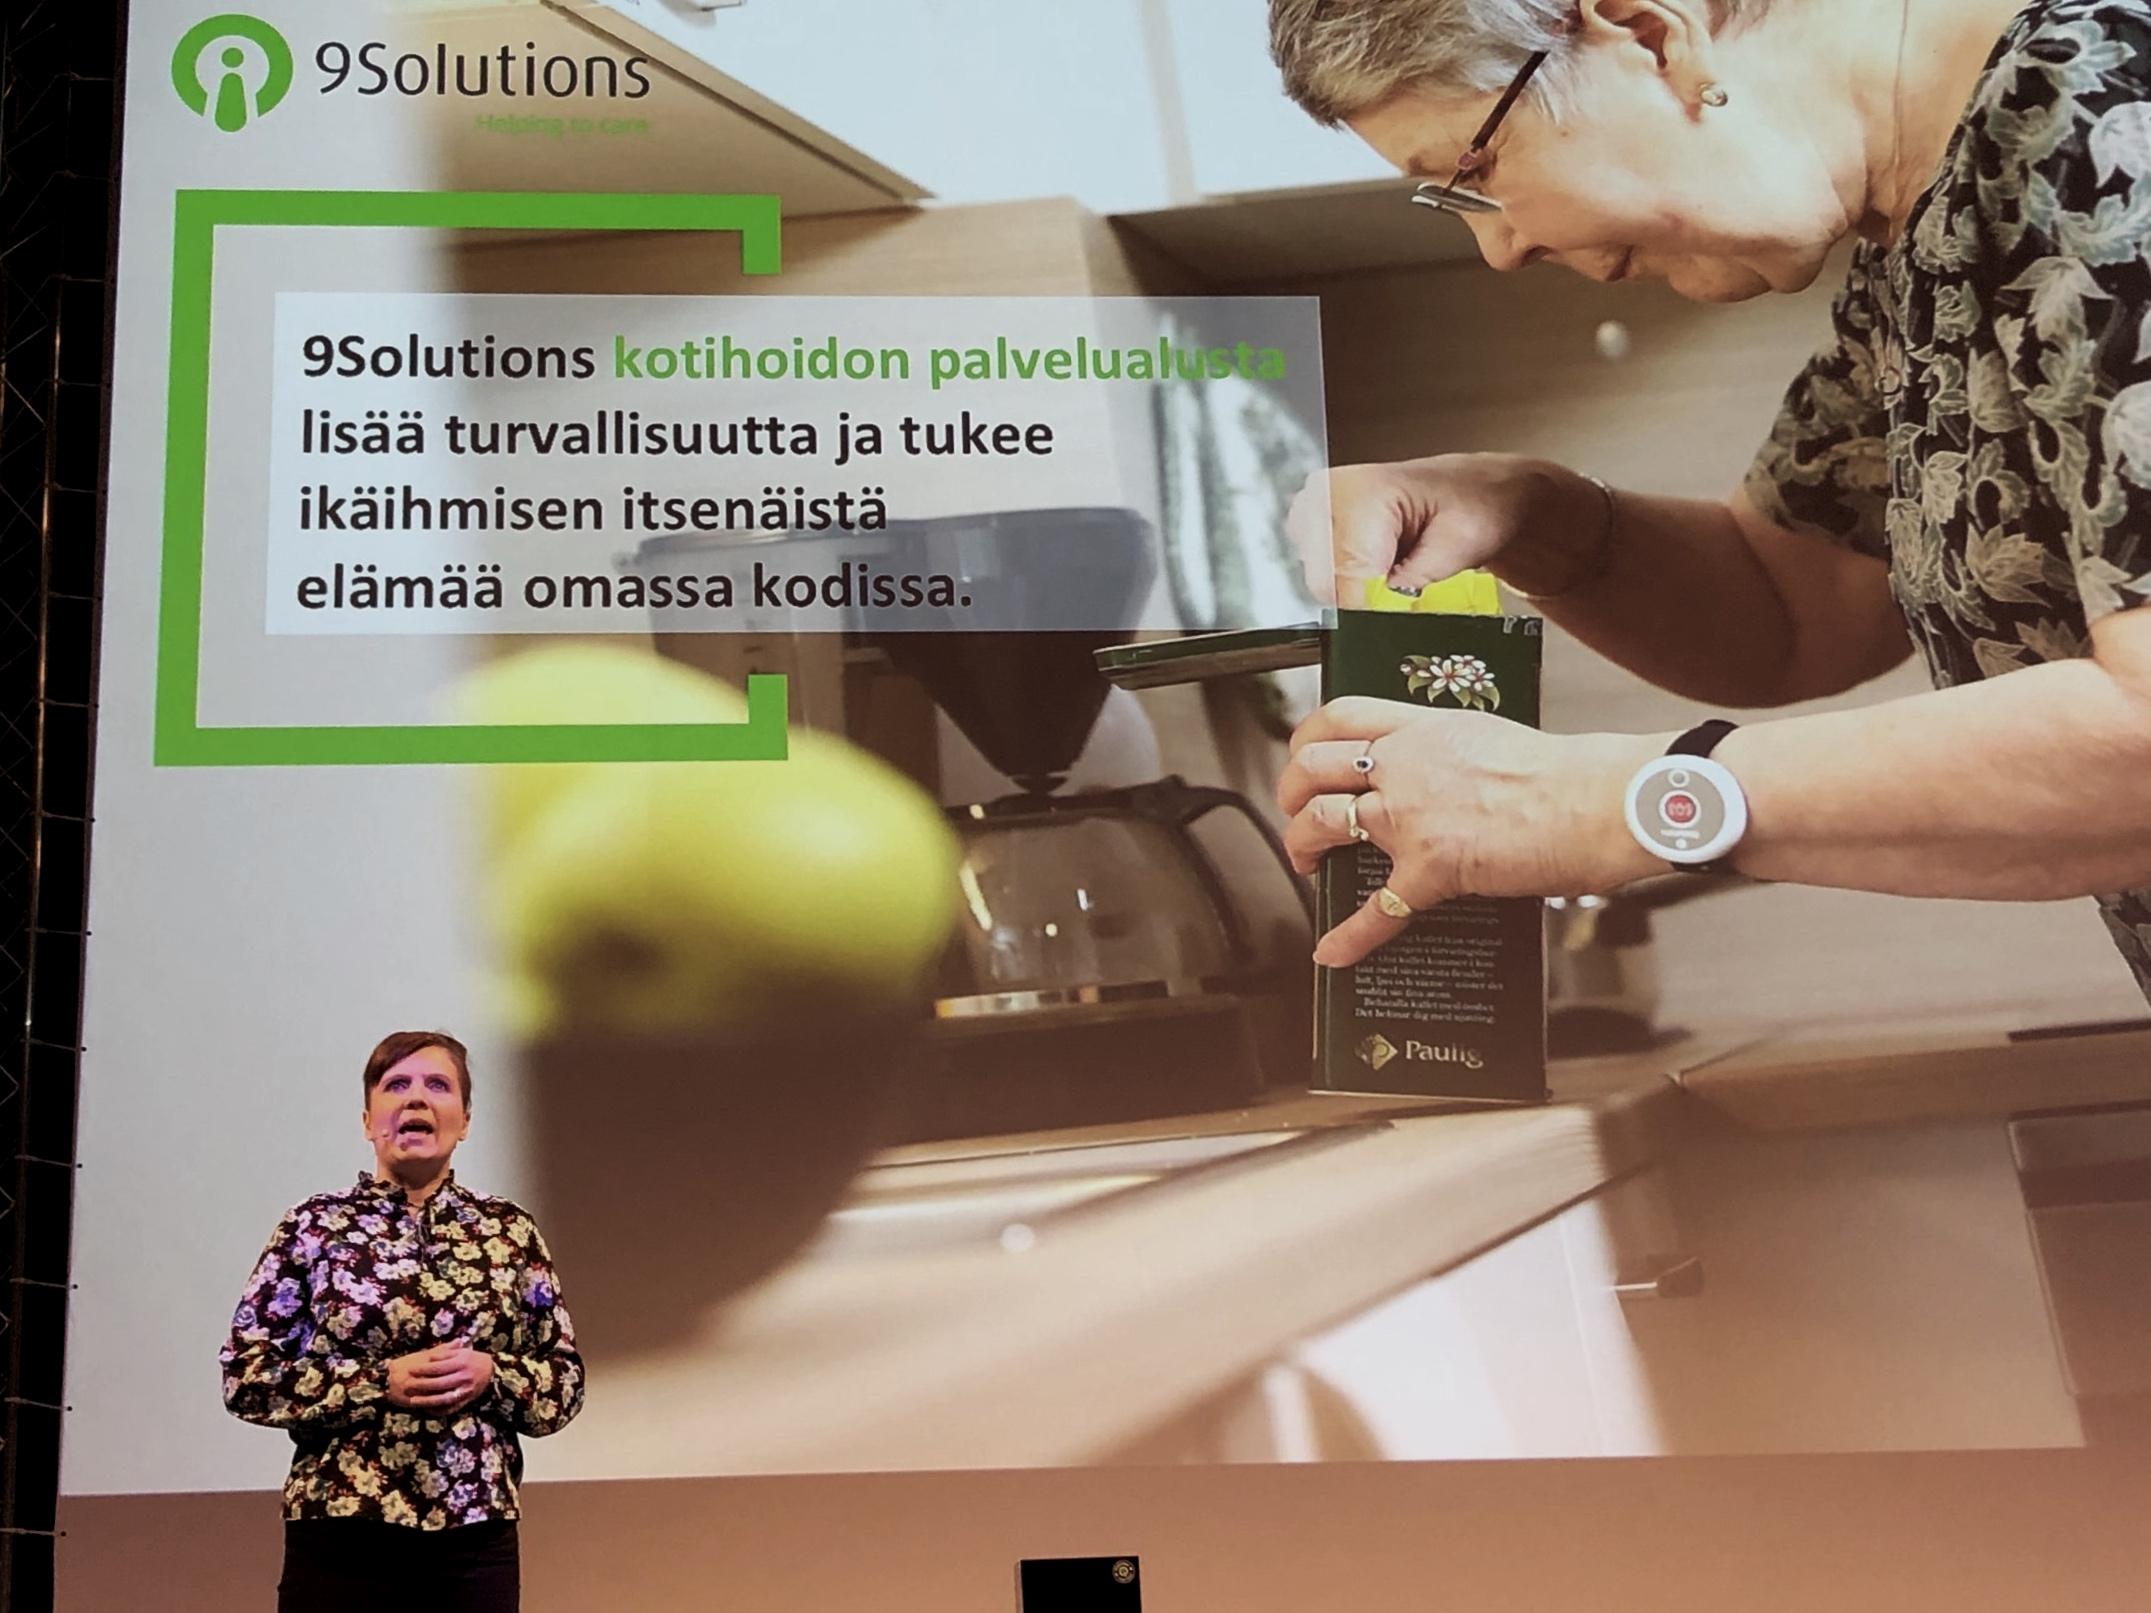 Hyvinvointiteknologian tuotteet esillä TERVE-SOS -tapahtumassa Oulussa. Vuorossa 9Solutions.